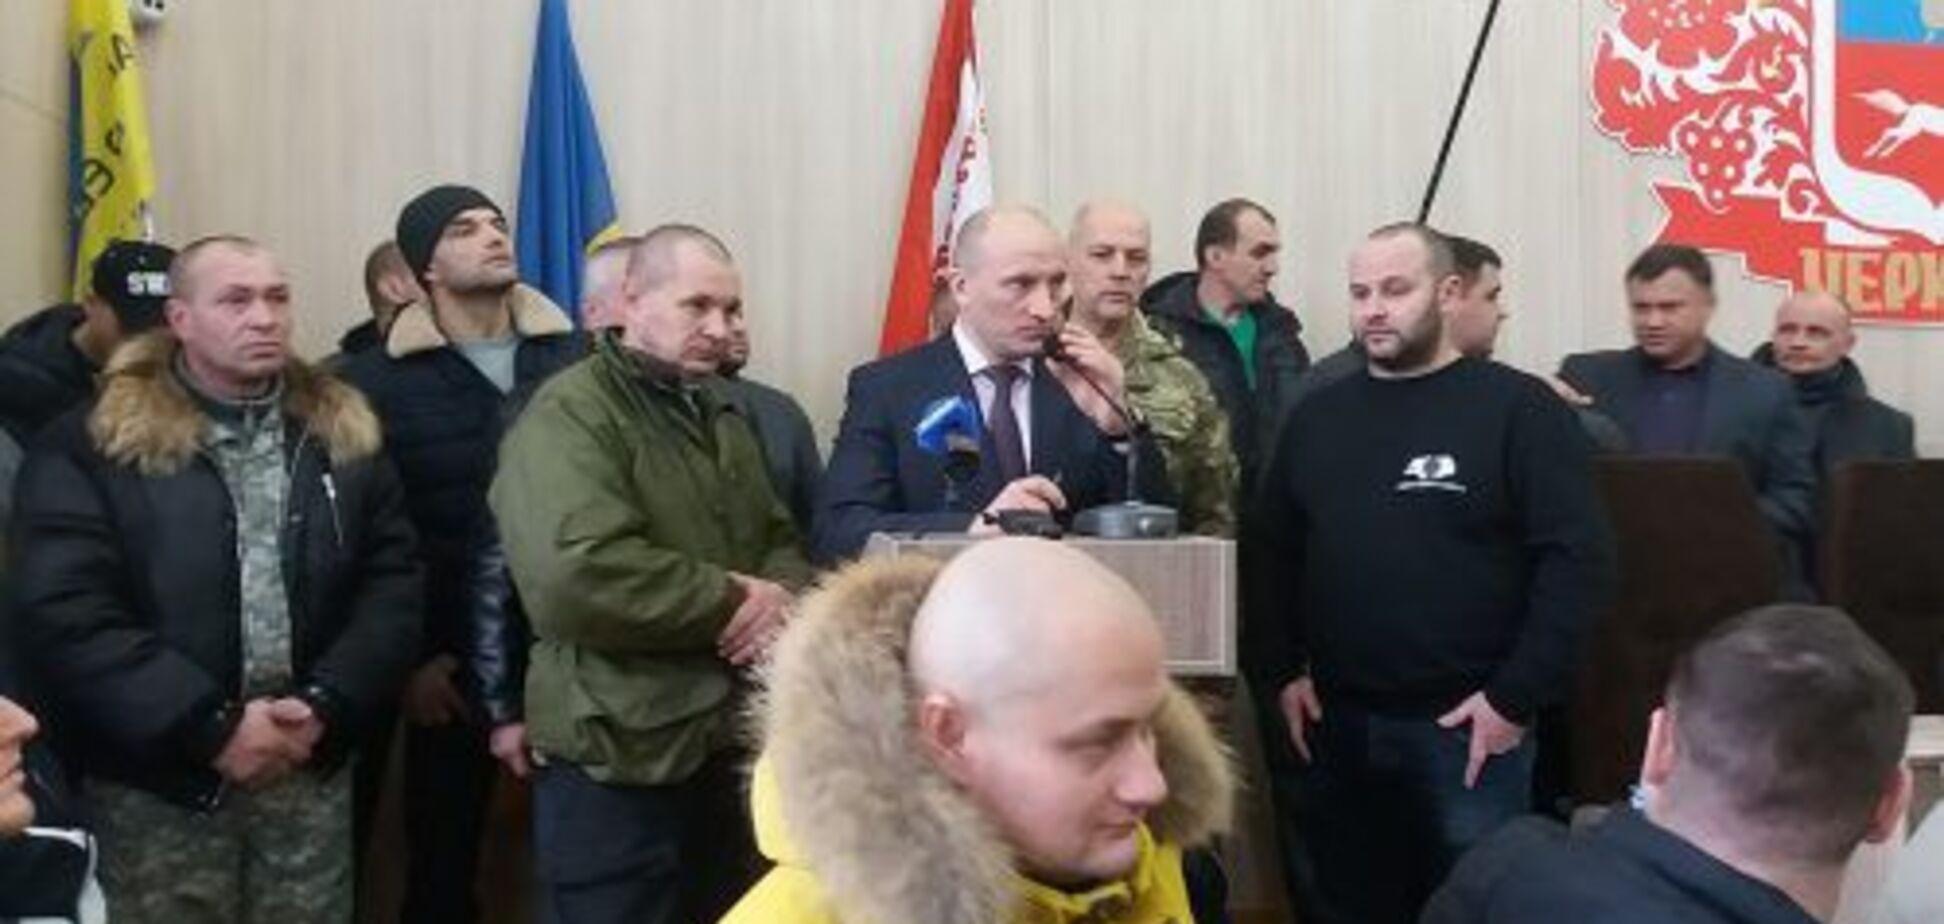 Названы зачинщики ''кровавой сессии'' в Черкассах